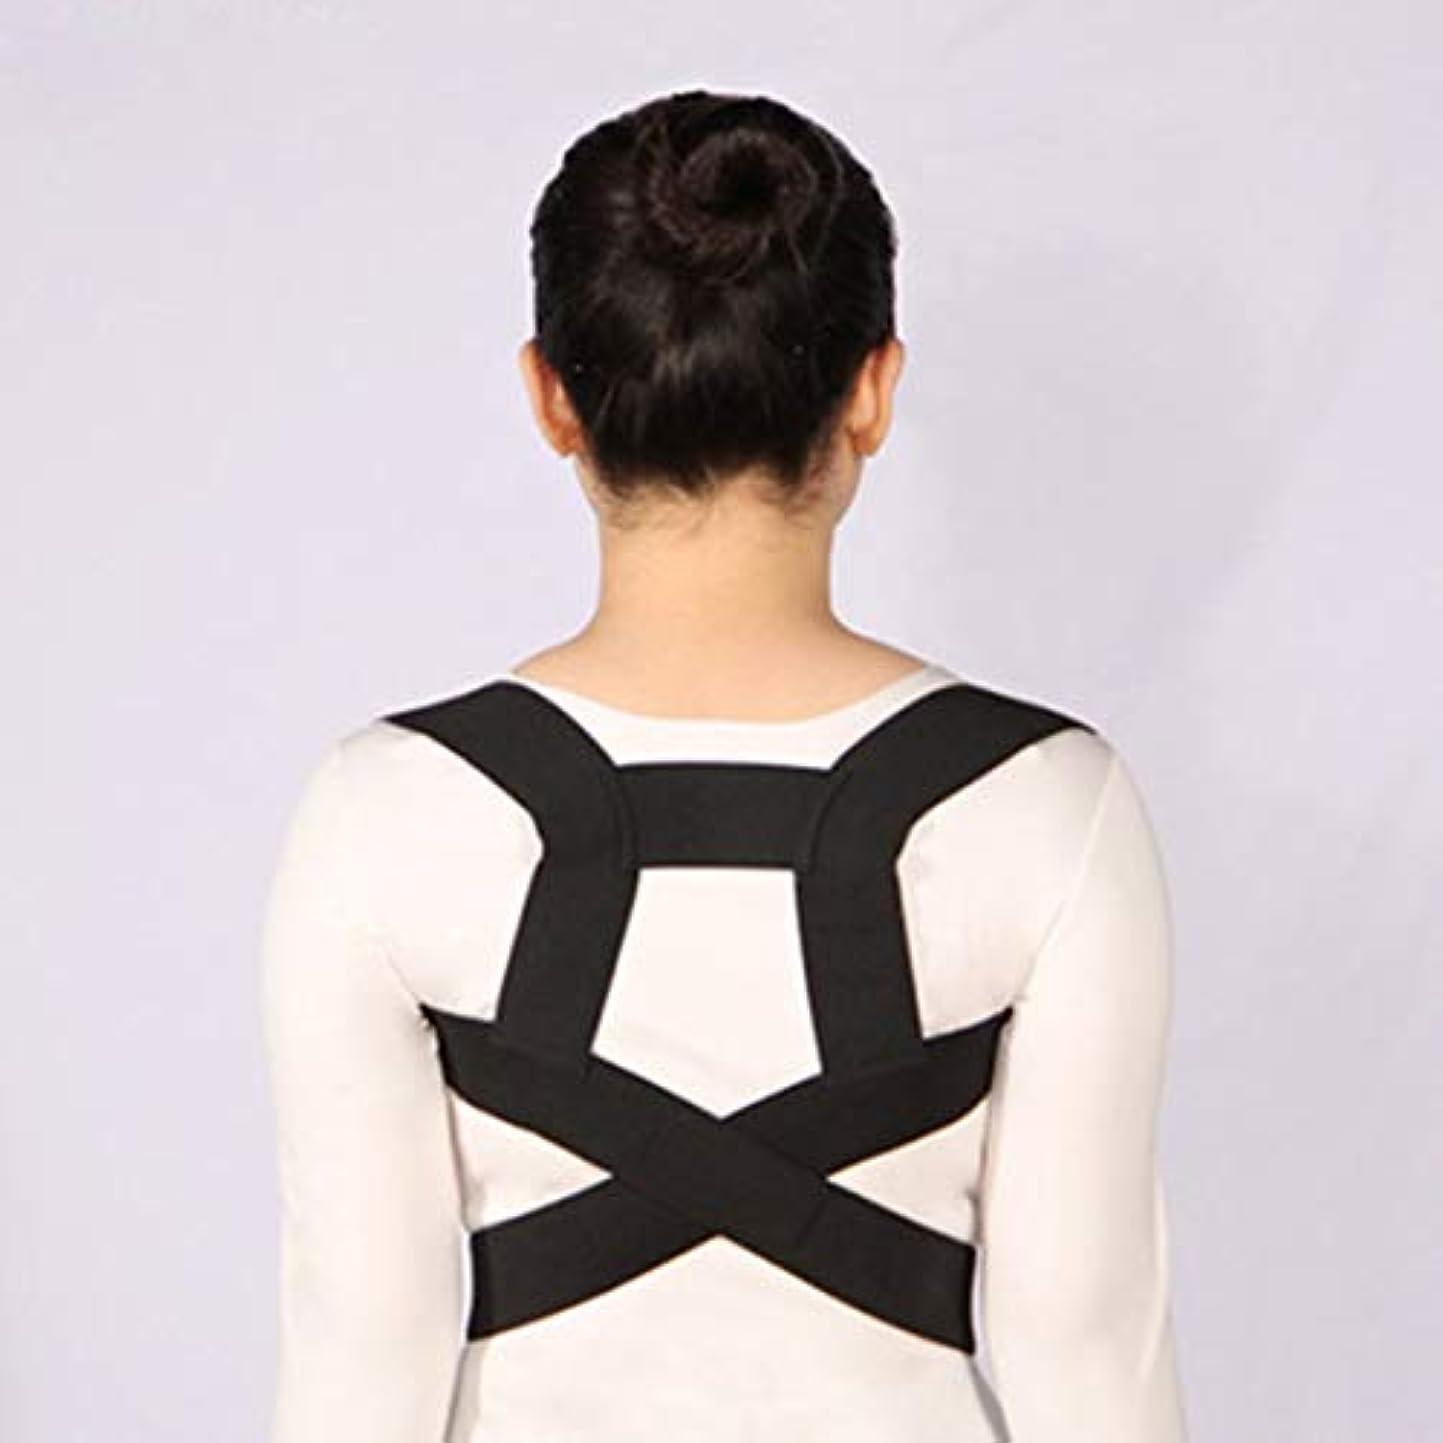 欺く変成器トランザクション姿勢矯正側弯症ザトウクジラ補正ベルト調節可能な快適さ目に見えないベルト男性女性大人シンプル - 黒